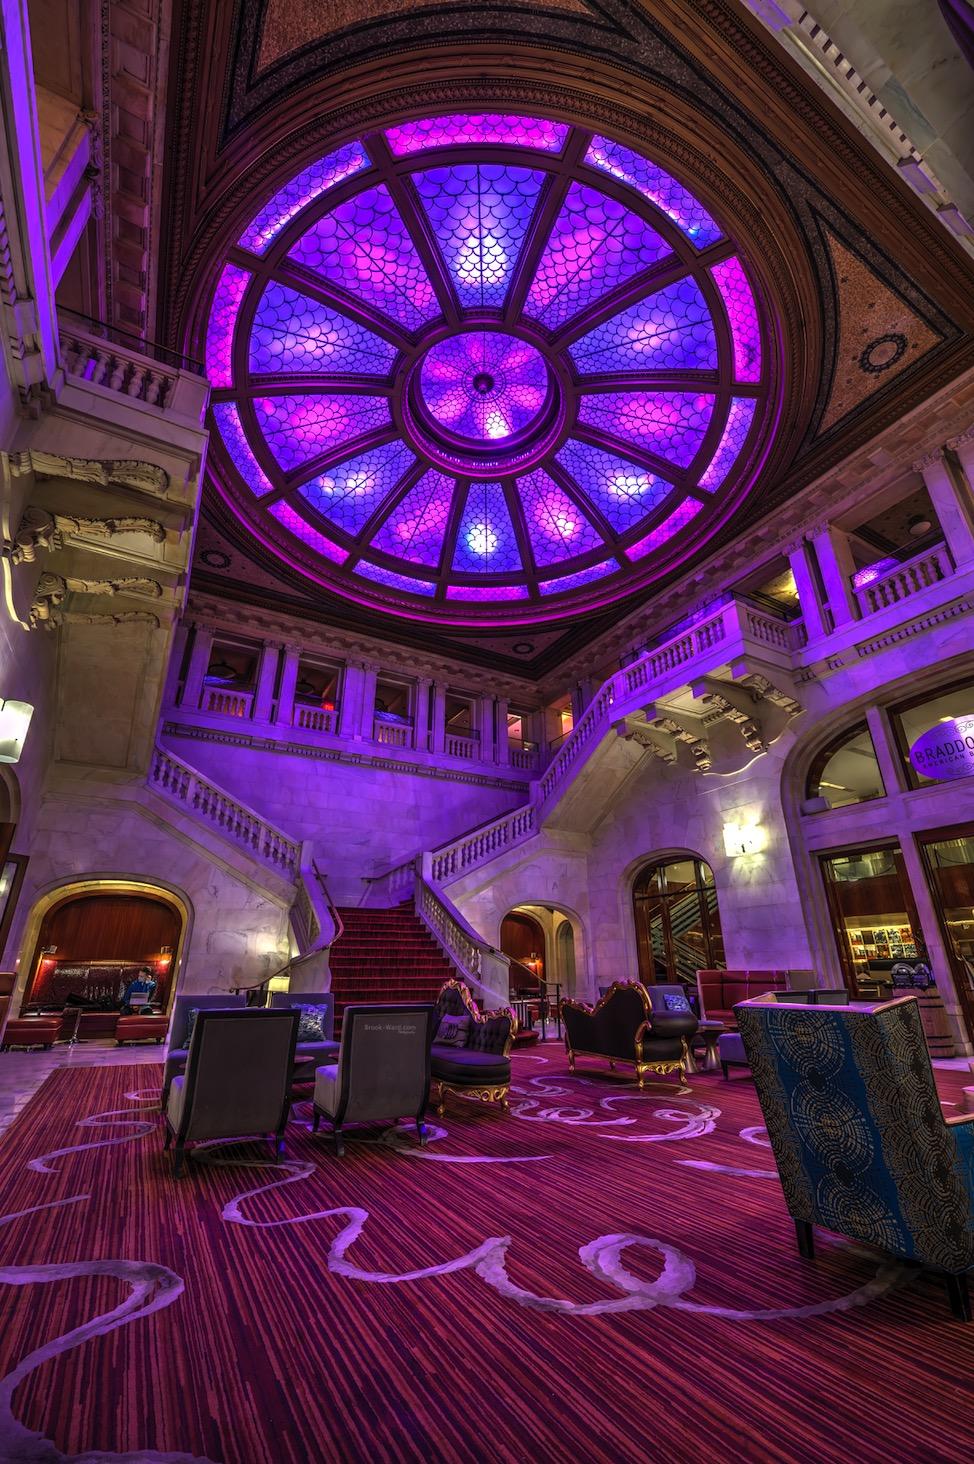 Renaissance Hotel Lobby